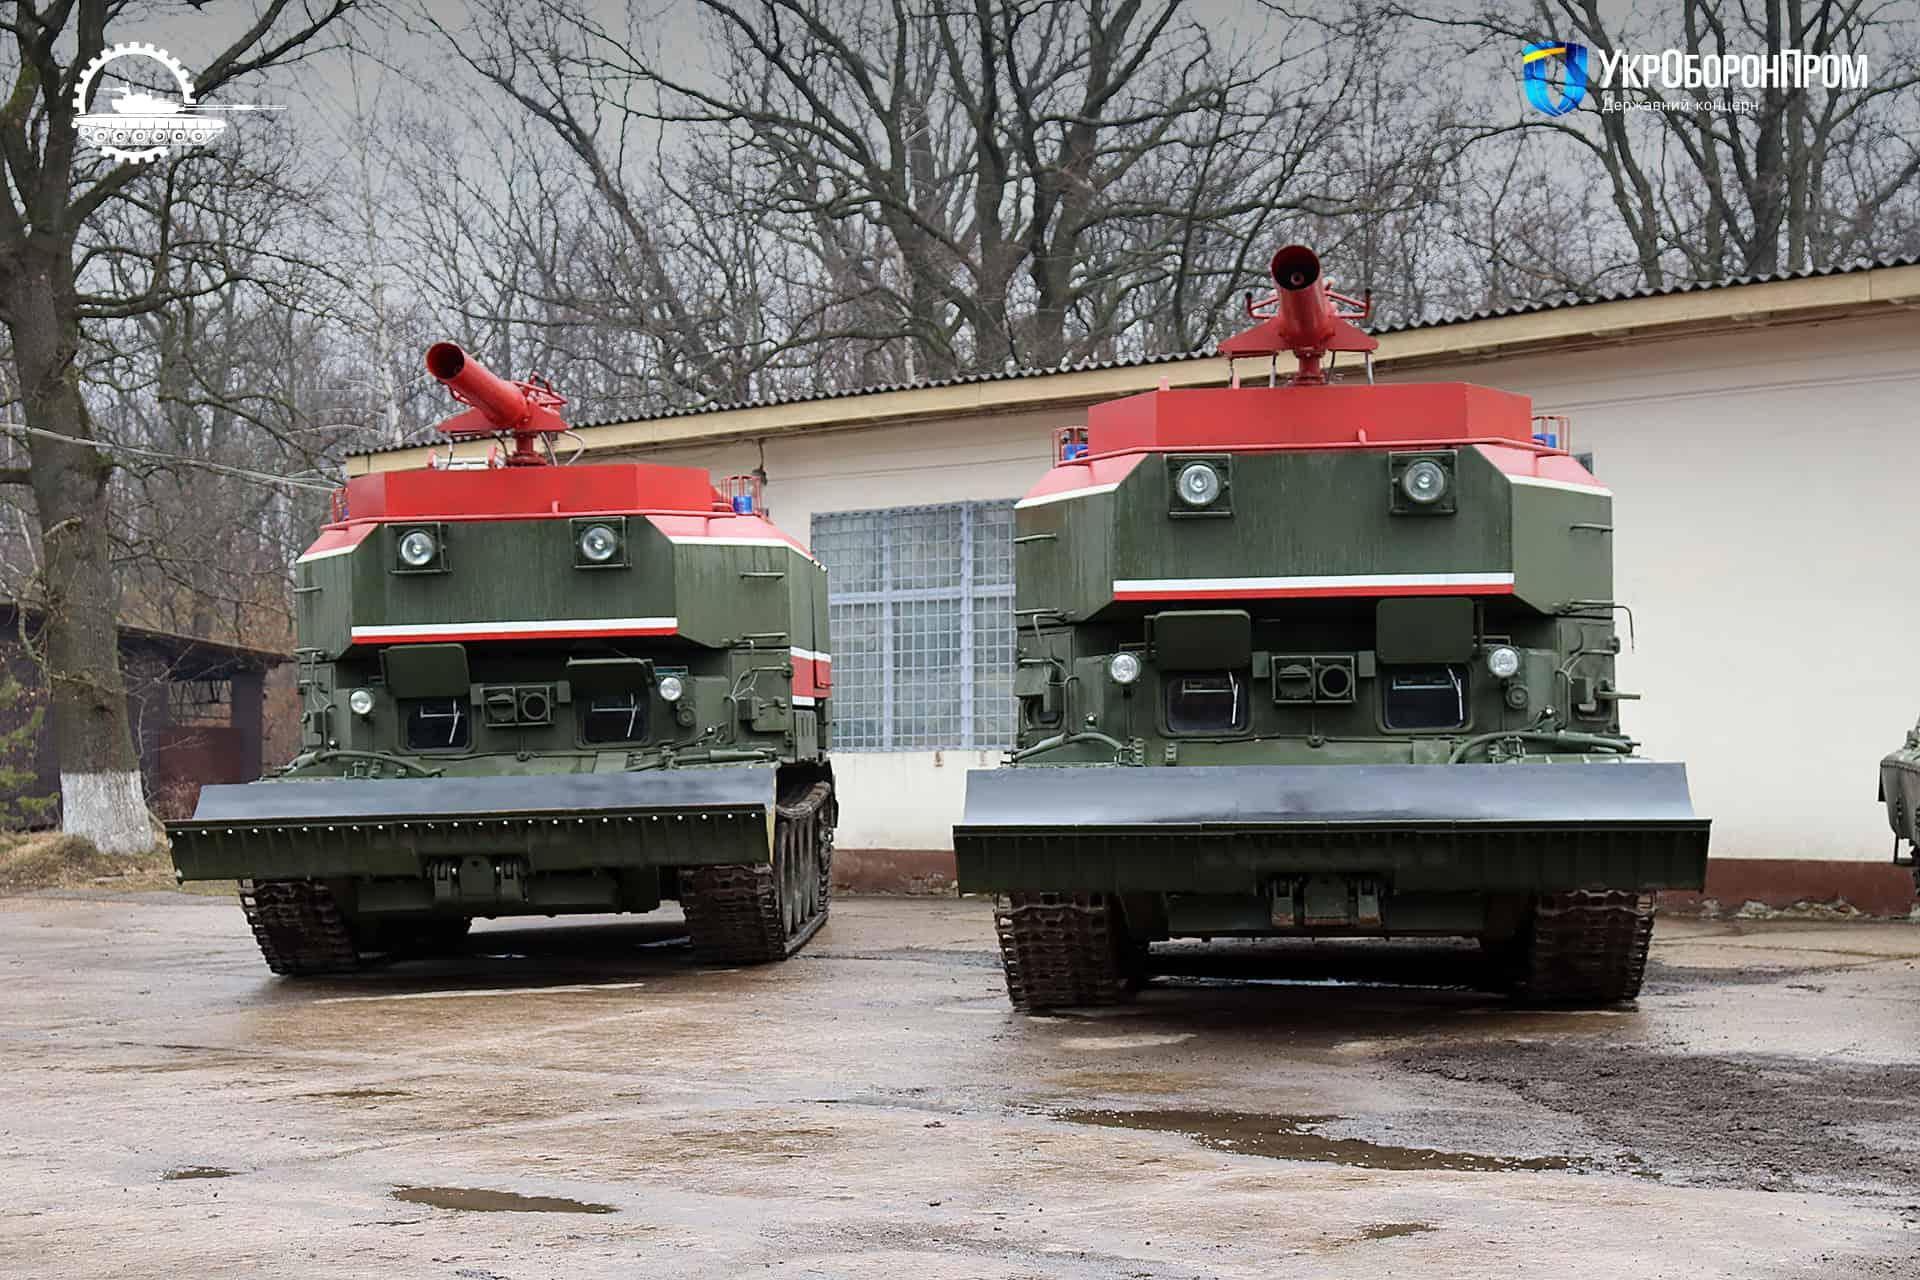 Пожежні танки ГПМ-54